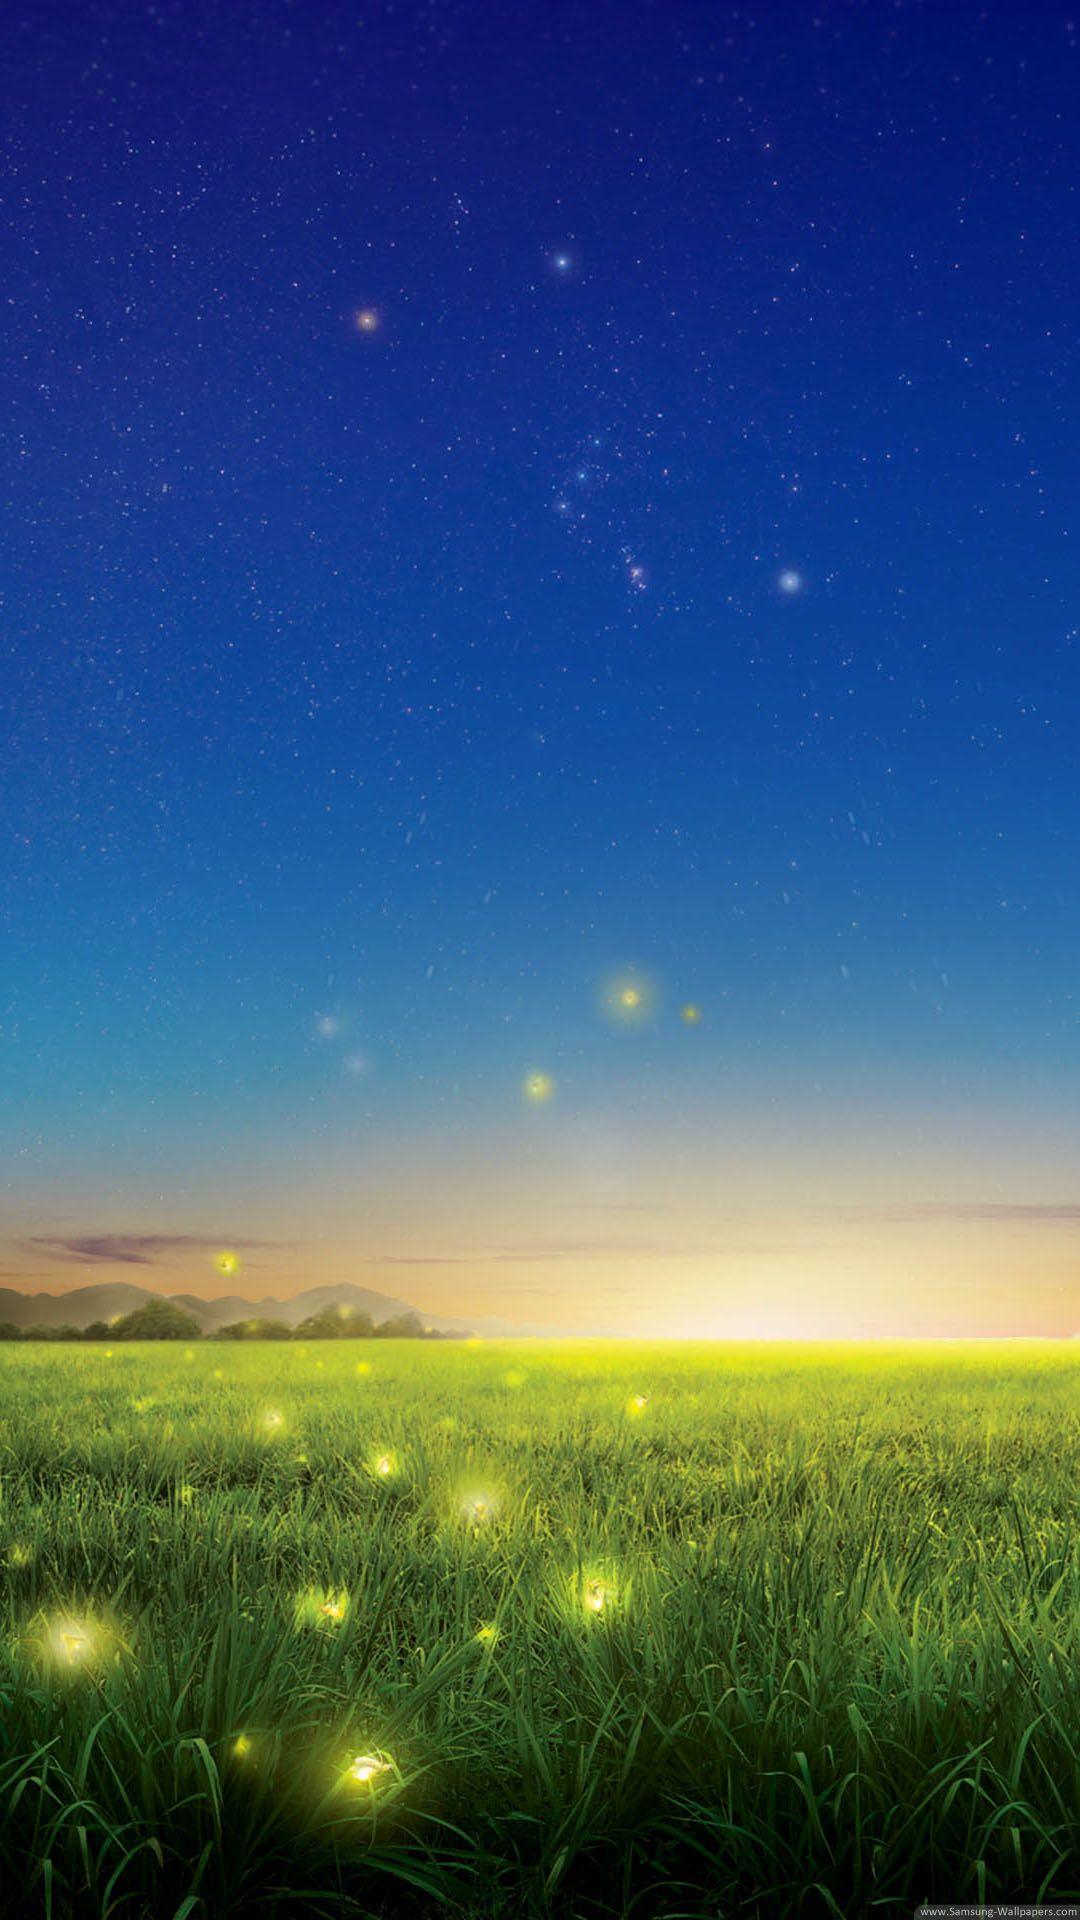 Galaxy S4 1080x1920 Wallpaper HD http//www.samsung